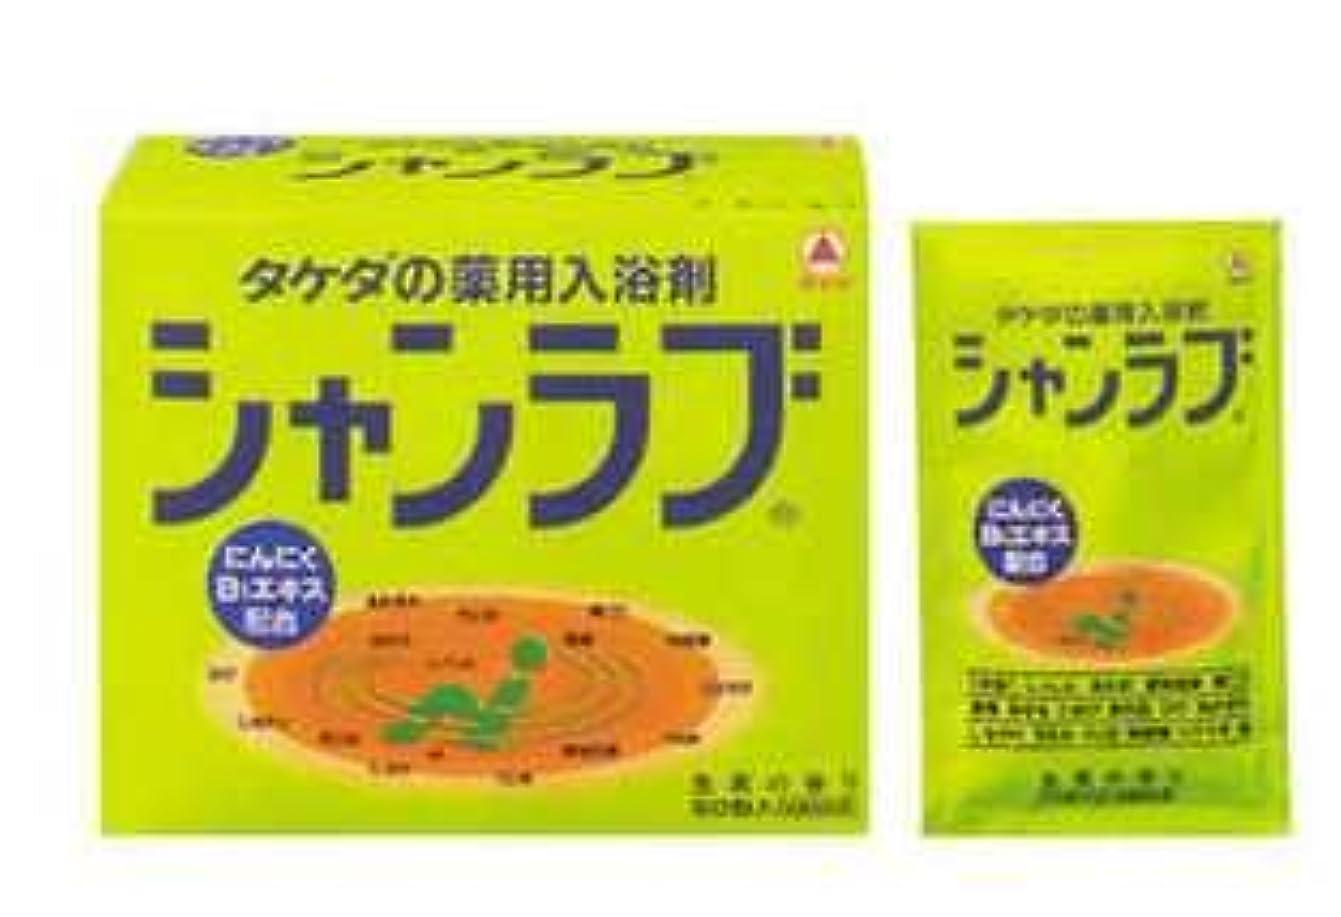 囲む健全製油所シャンラブ  30g×30包  武田薬品【医薬部外品】